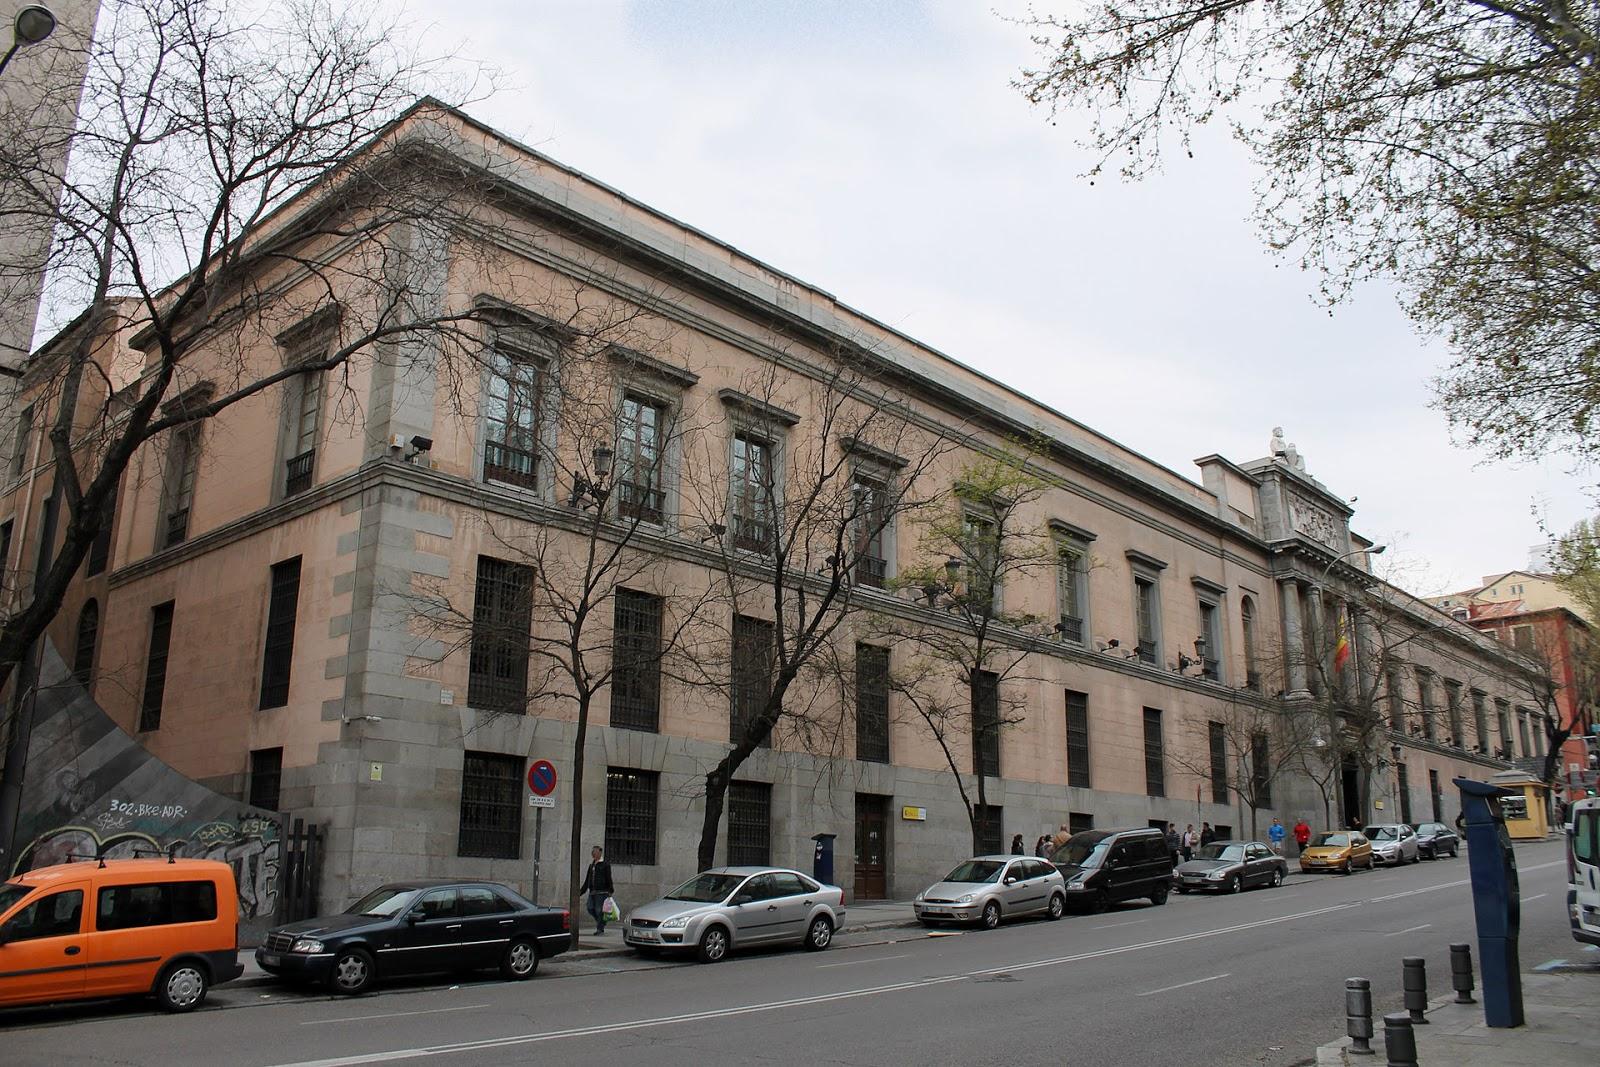 Paisajes urbanos matritenses obras urban sticas - Colegio escolapias madrid ...